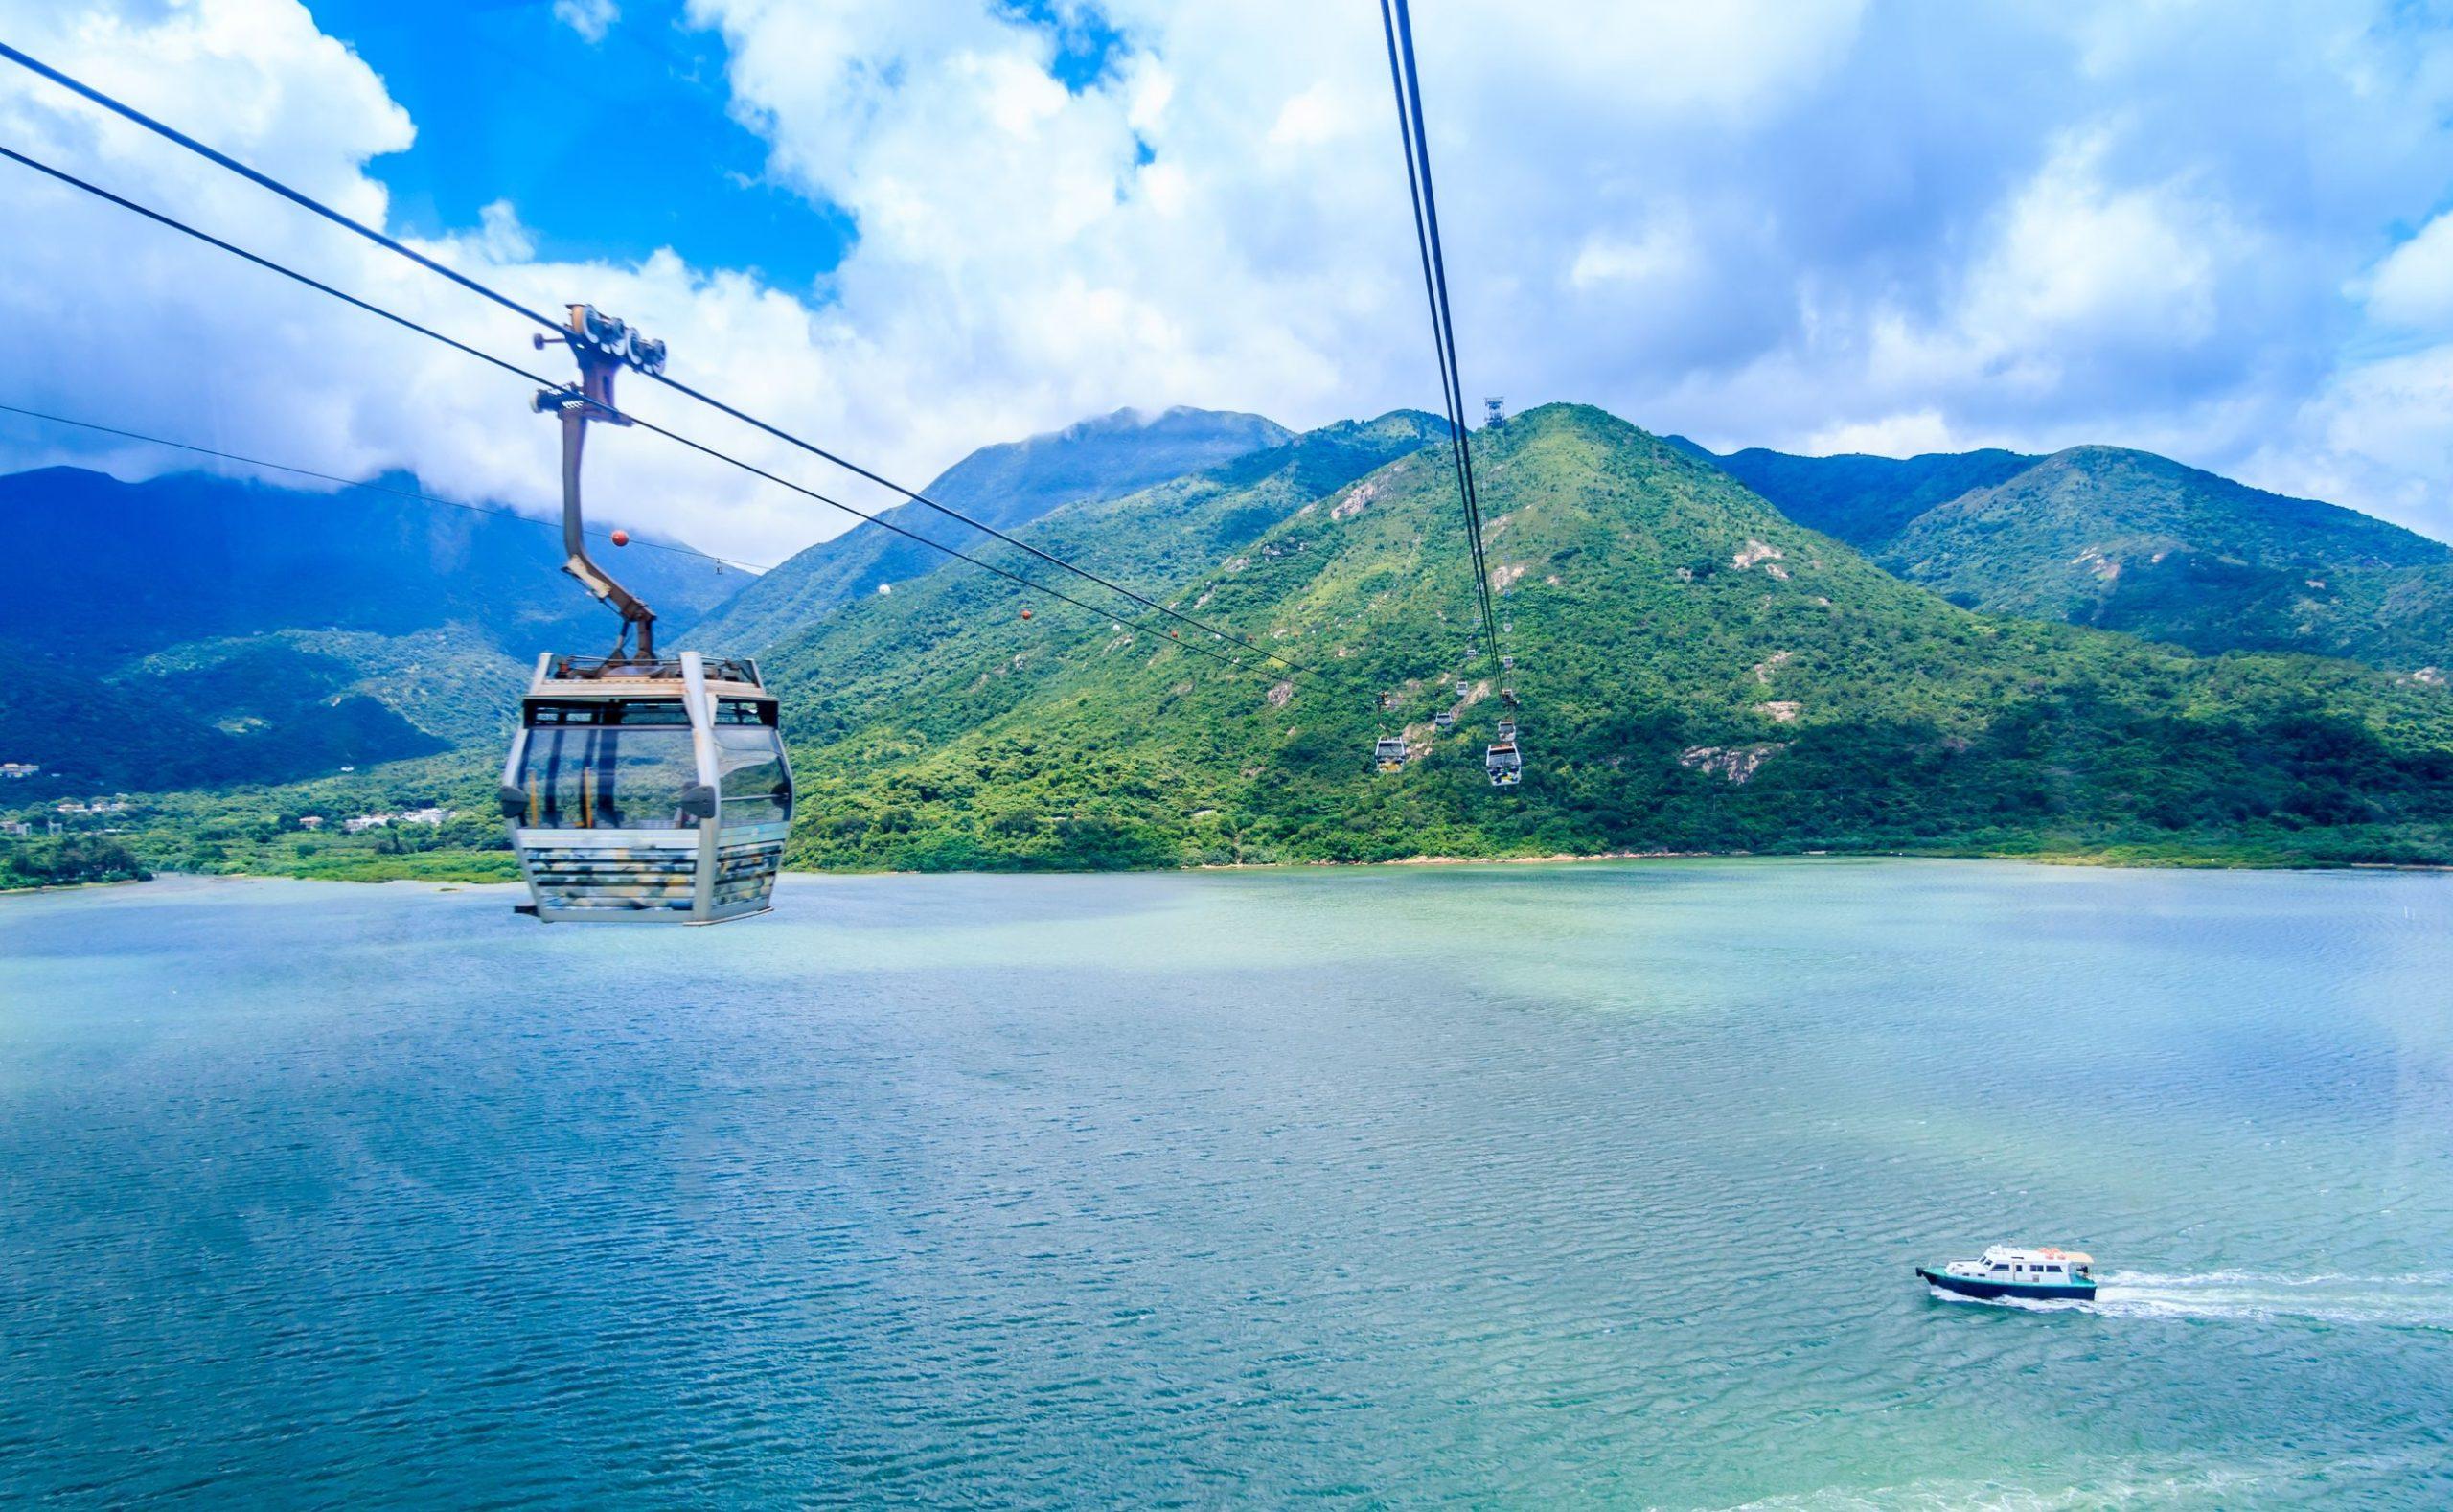 السياحة في هونغ كونغ - هضبة نغونغ بينغ 360